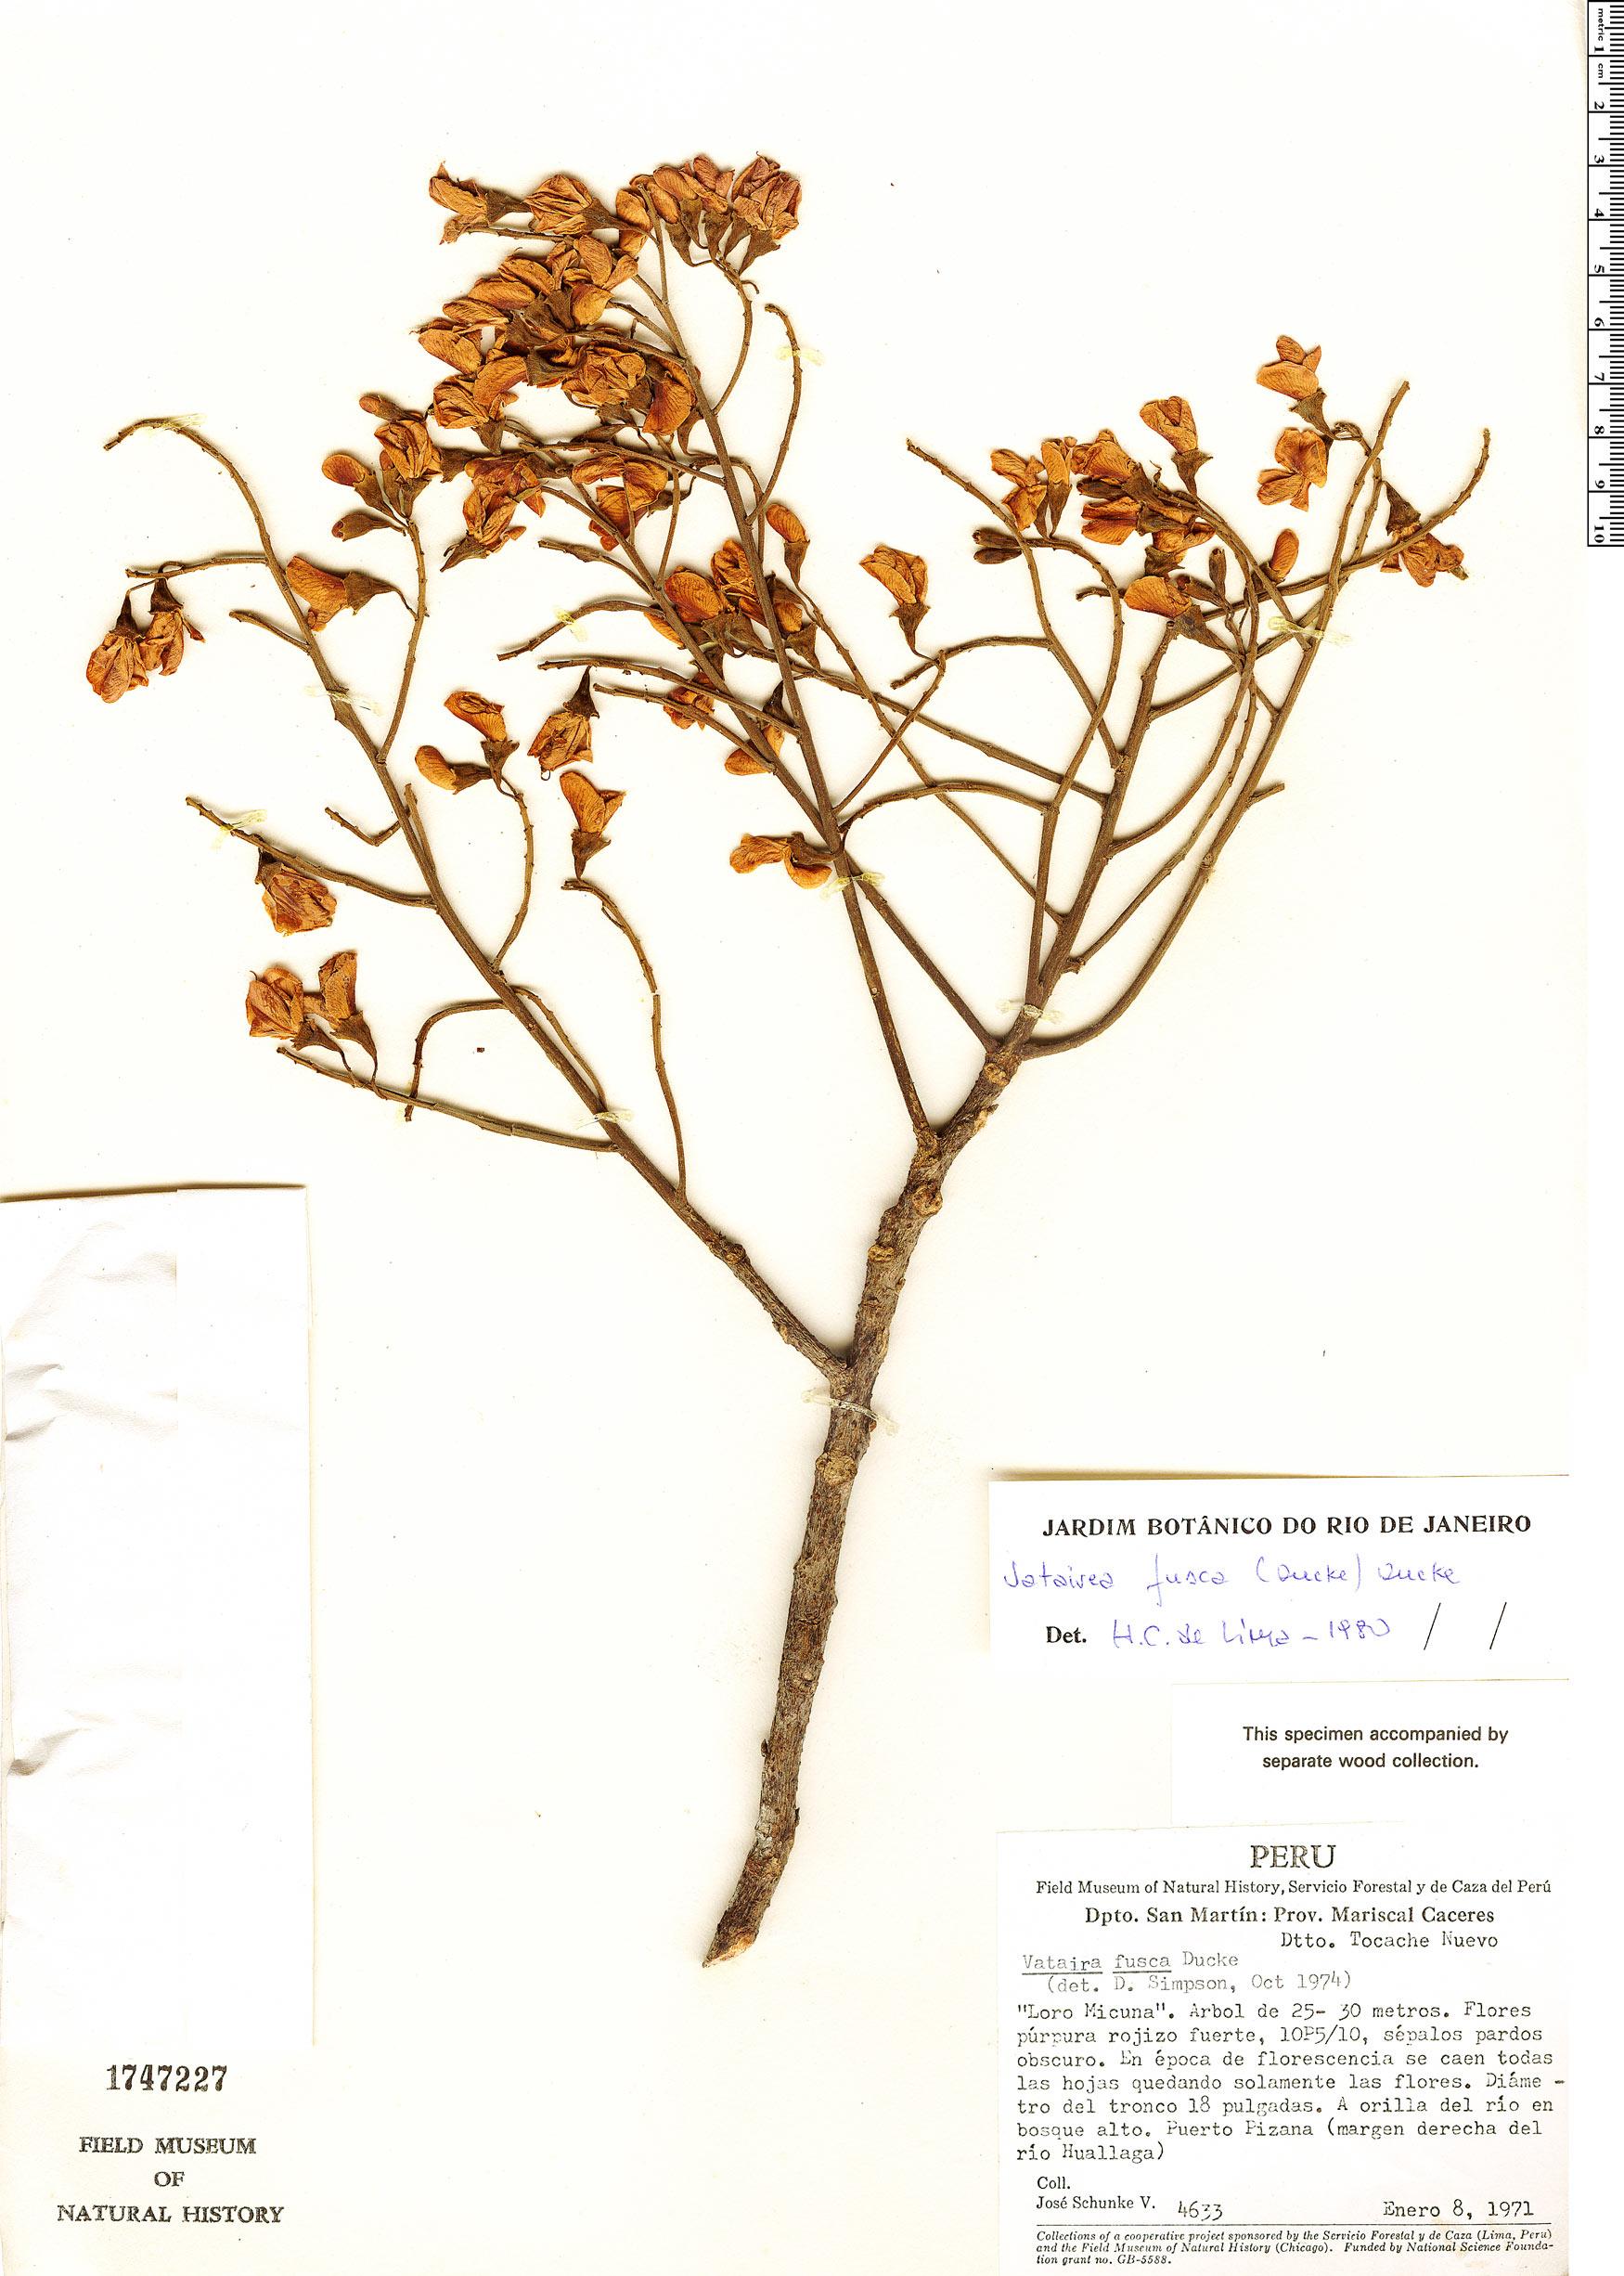 Specimen: Vatairea fusca